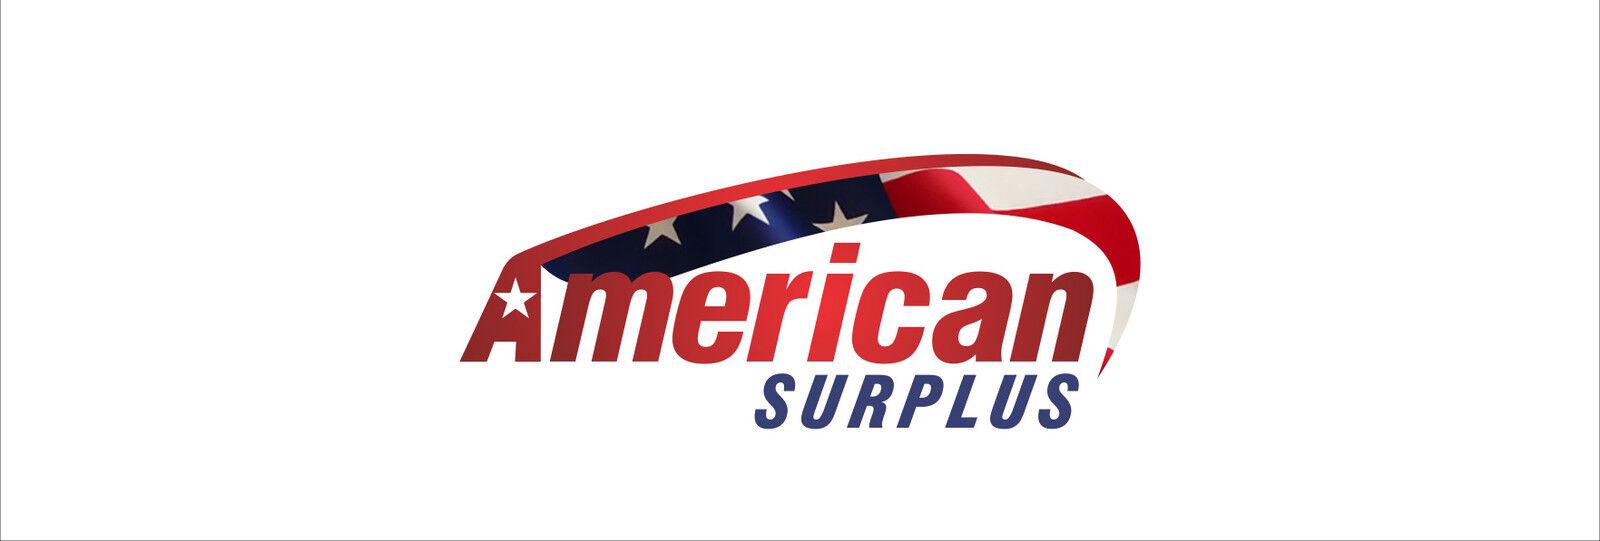 americansurplus2012